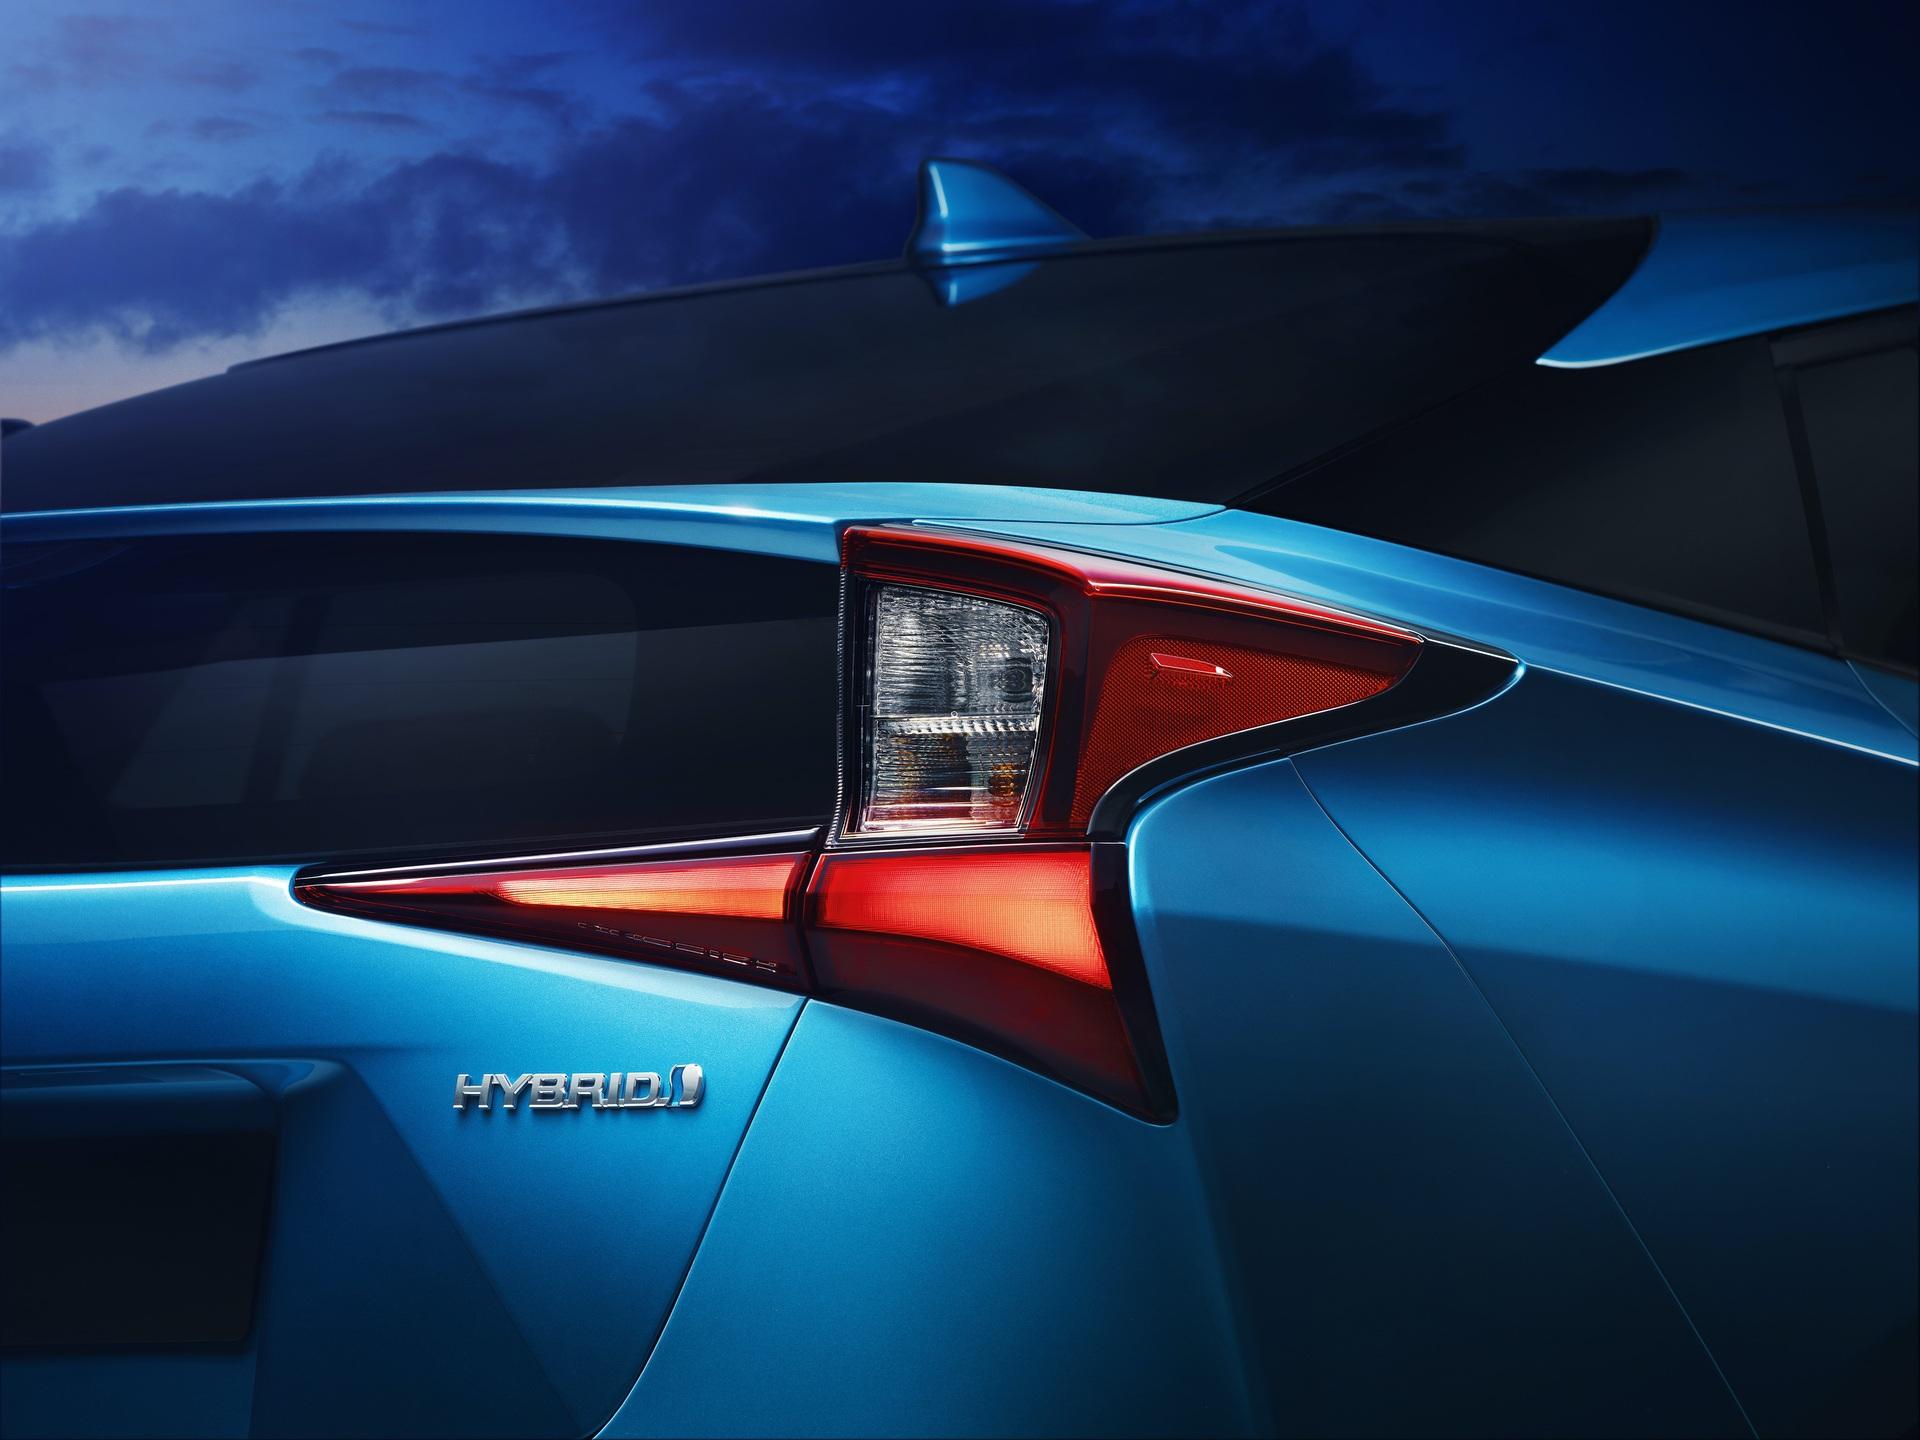 2019_Toyota_Prius_facelift_0002